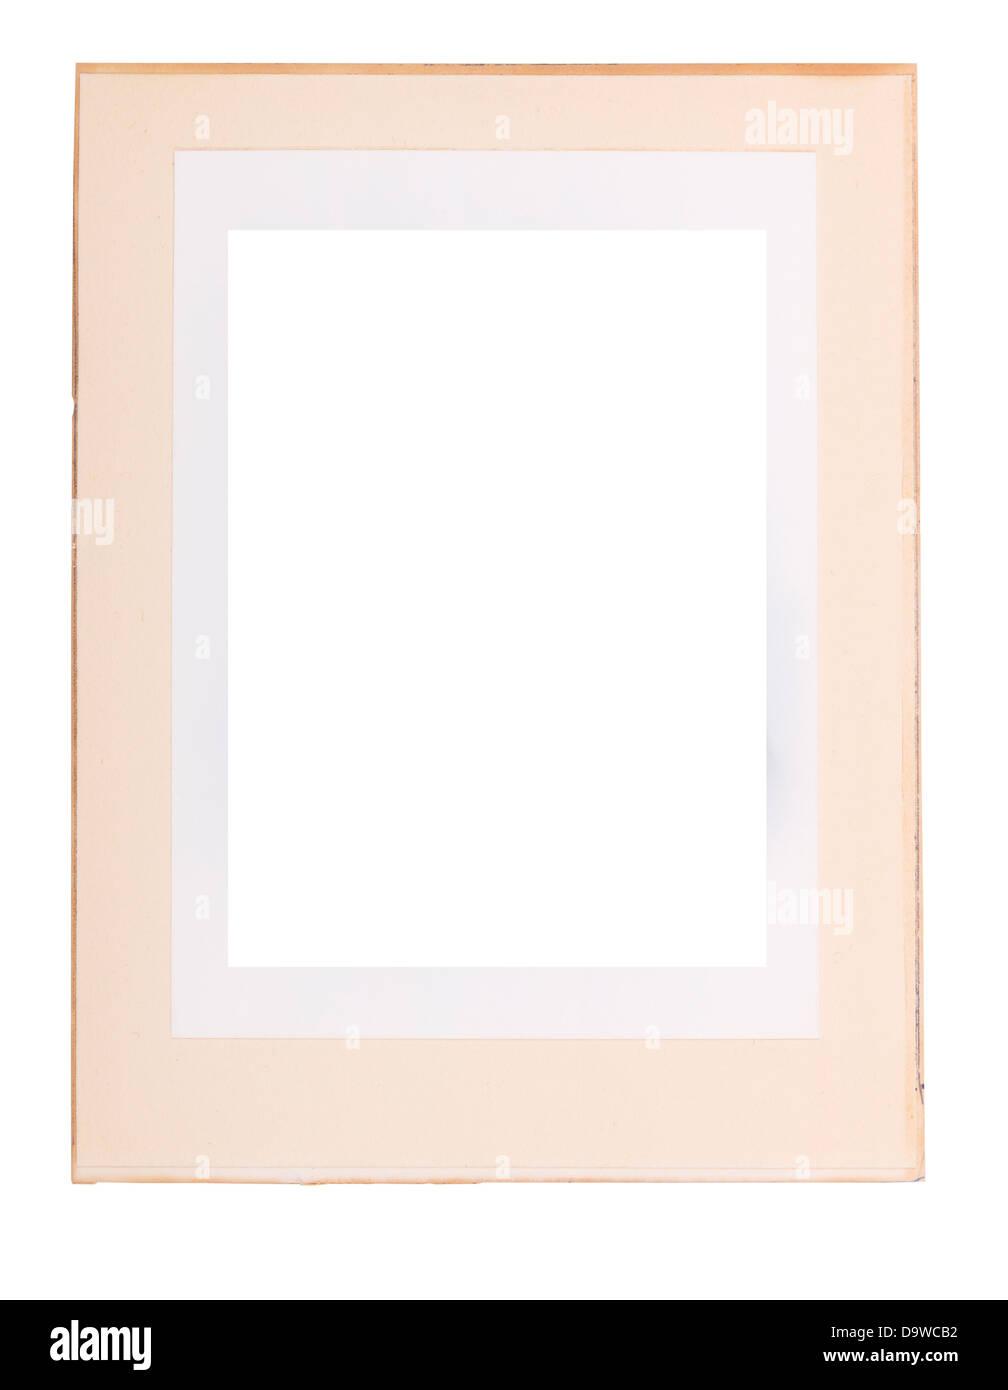 Alte Papier Fotorahmen als einen Fotorahmen, isoliert auf weiss ...